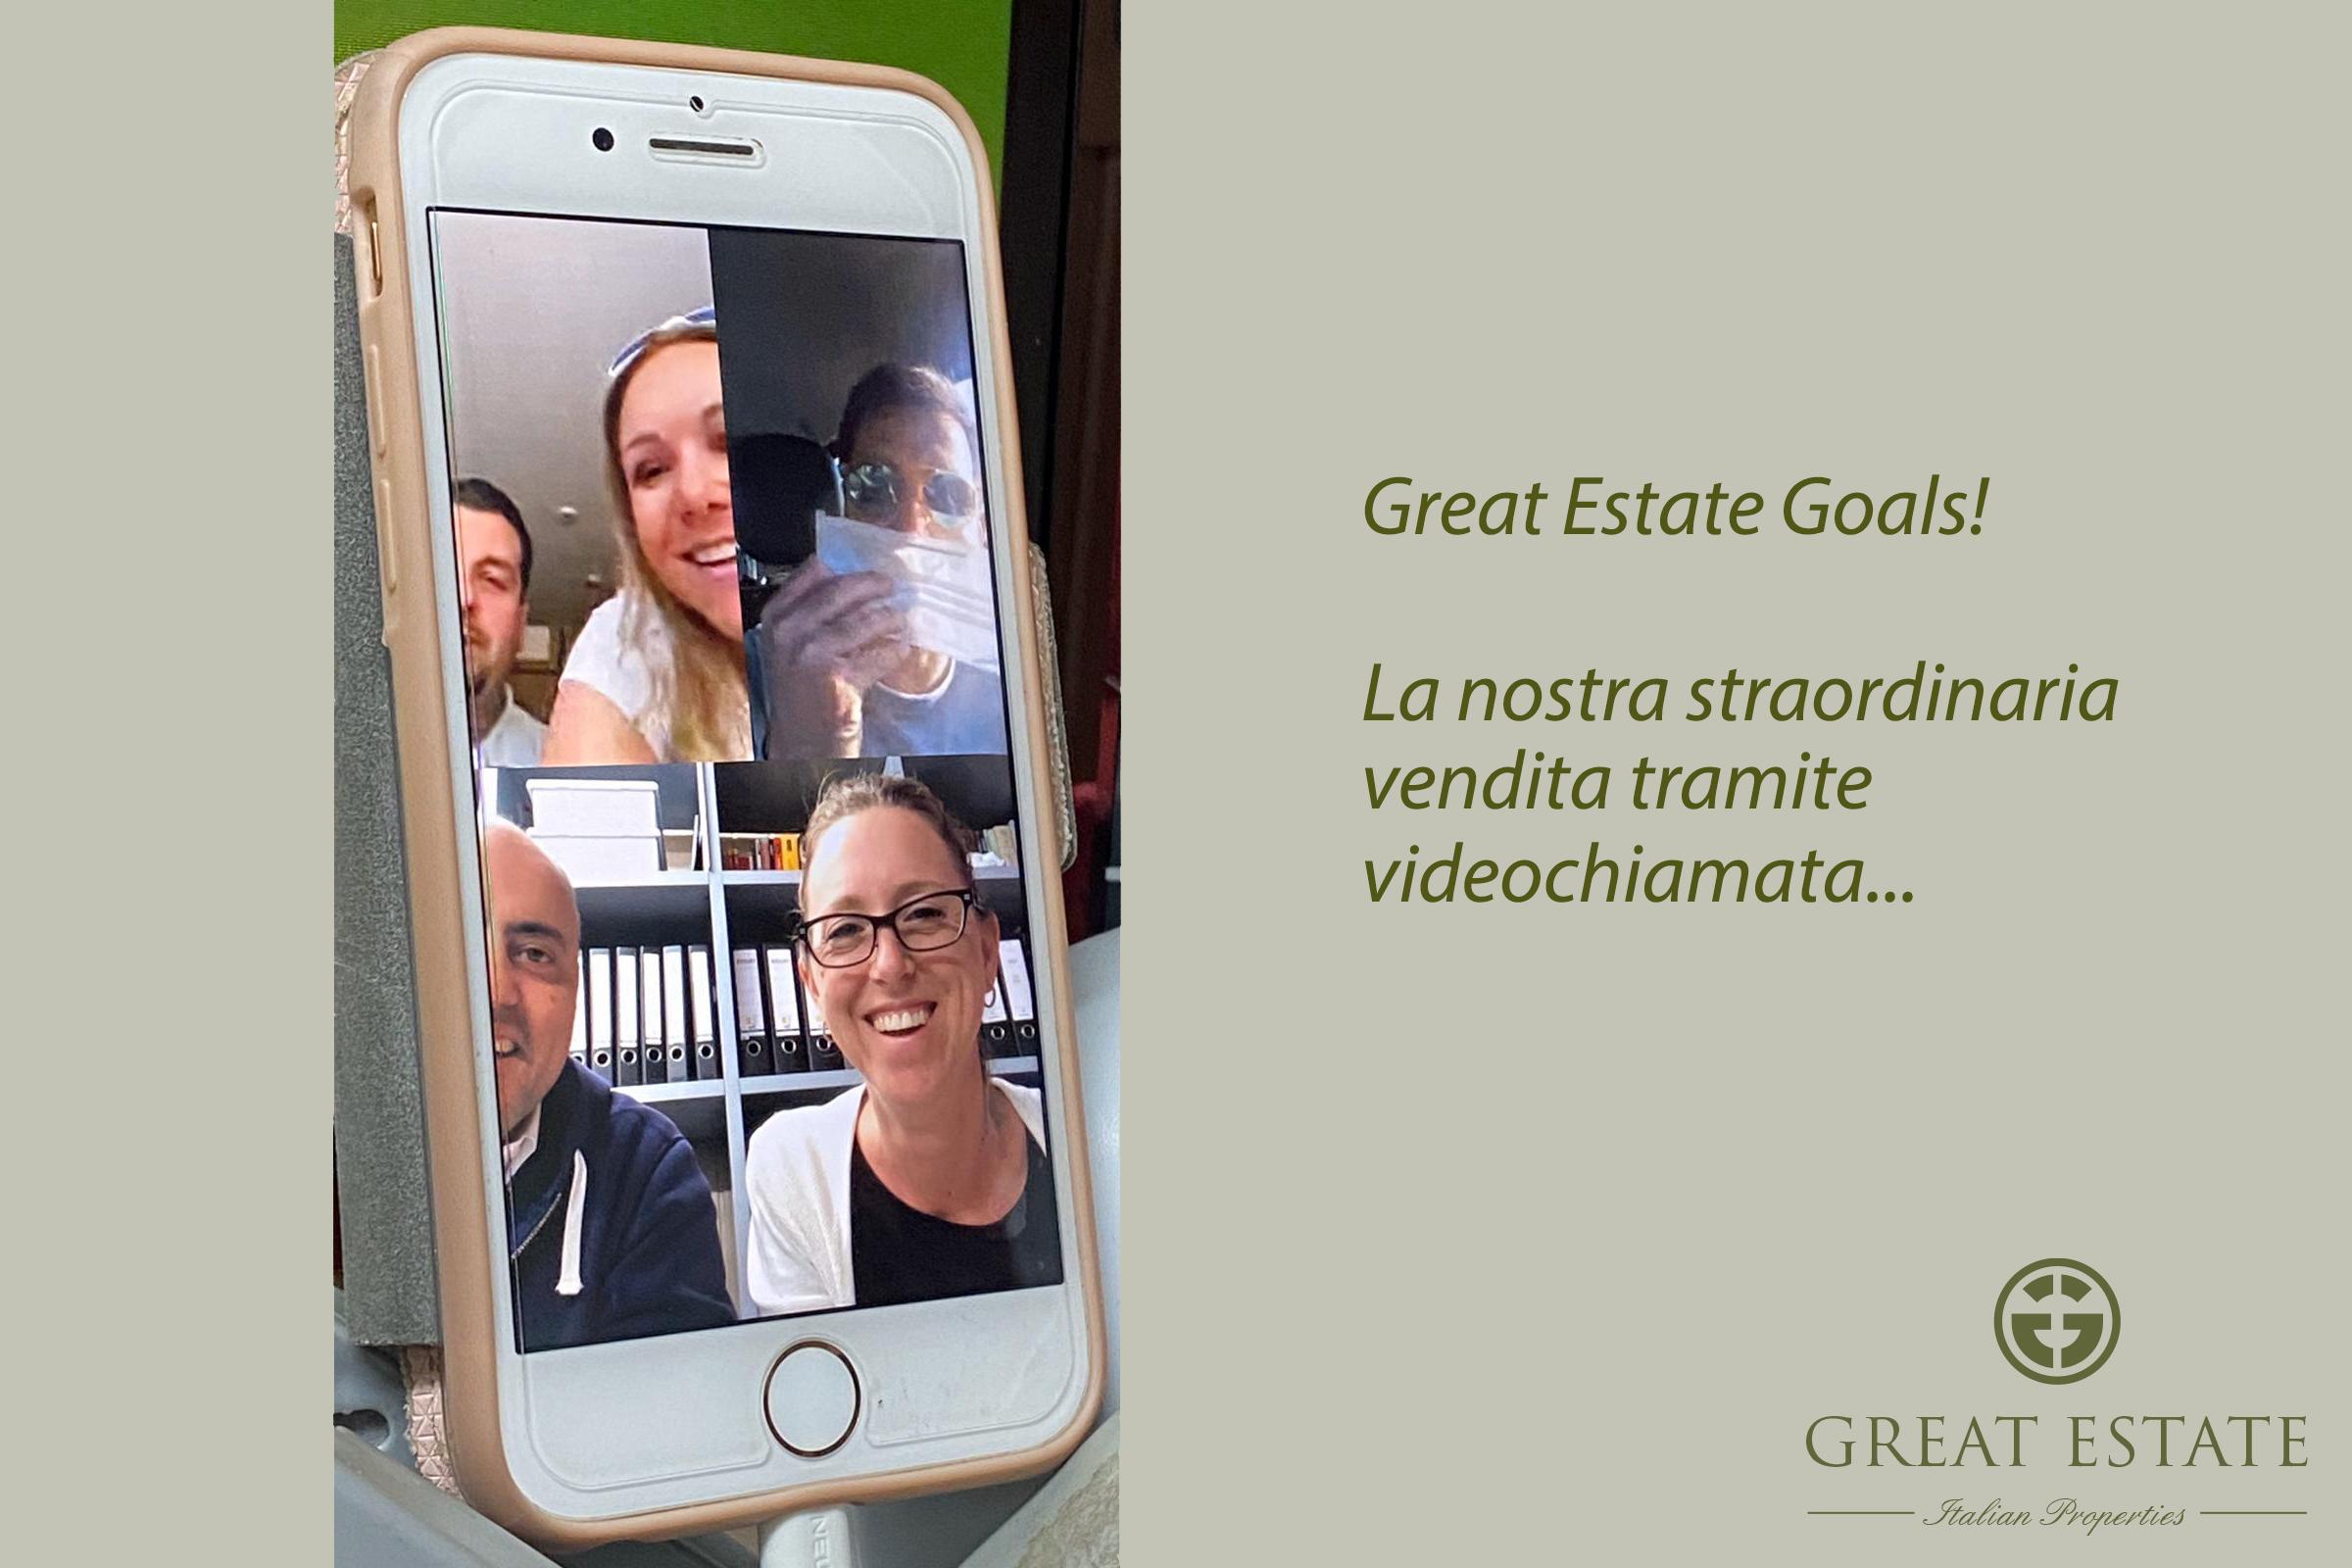 Video chiamata vincente: Great Estate vende un casale con Facetime